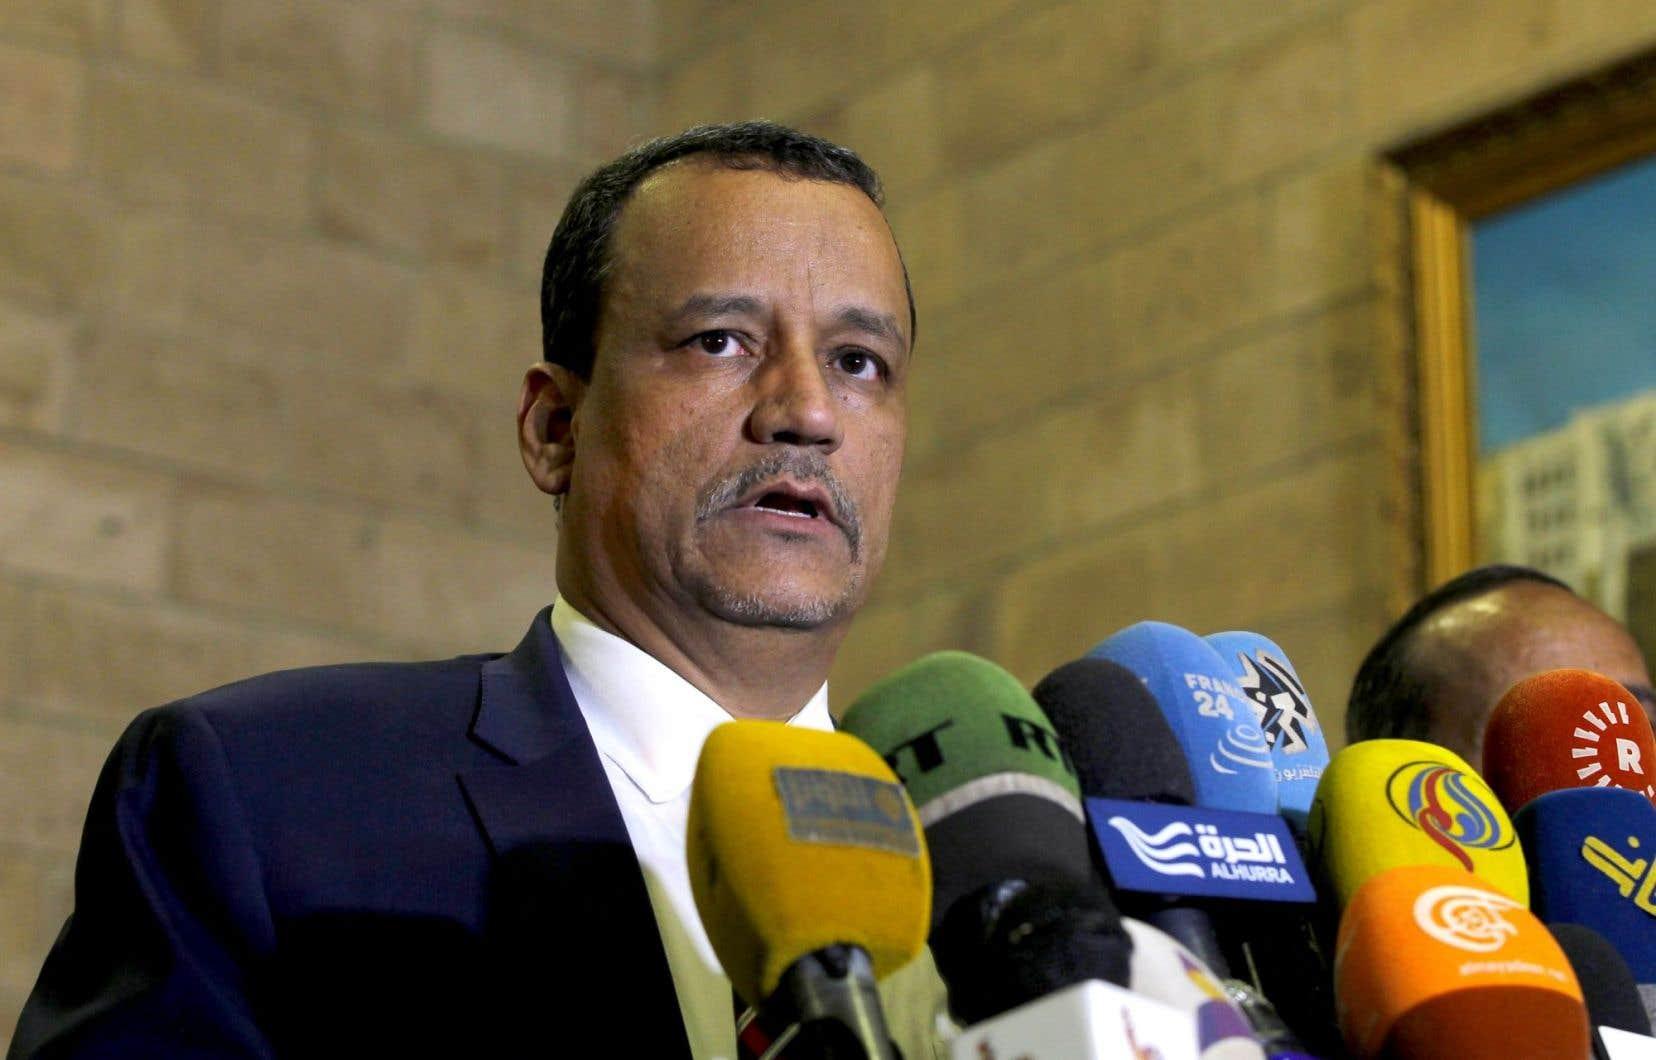 L'envoyé spécial de l'ONU pour le Yémen, Ismail Ould Cheikh Ahmed, a annoncé qu'il allait reprendre les négociations.